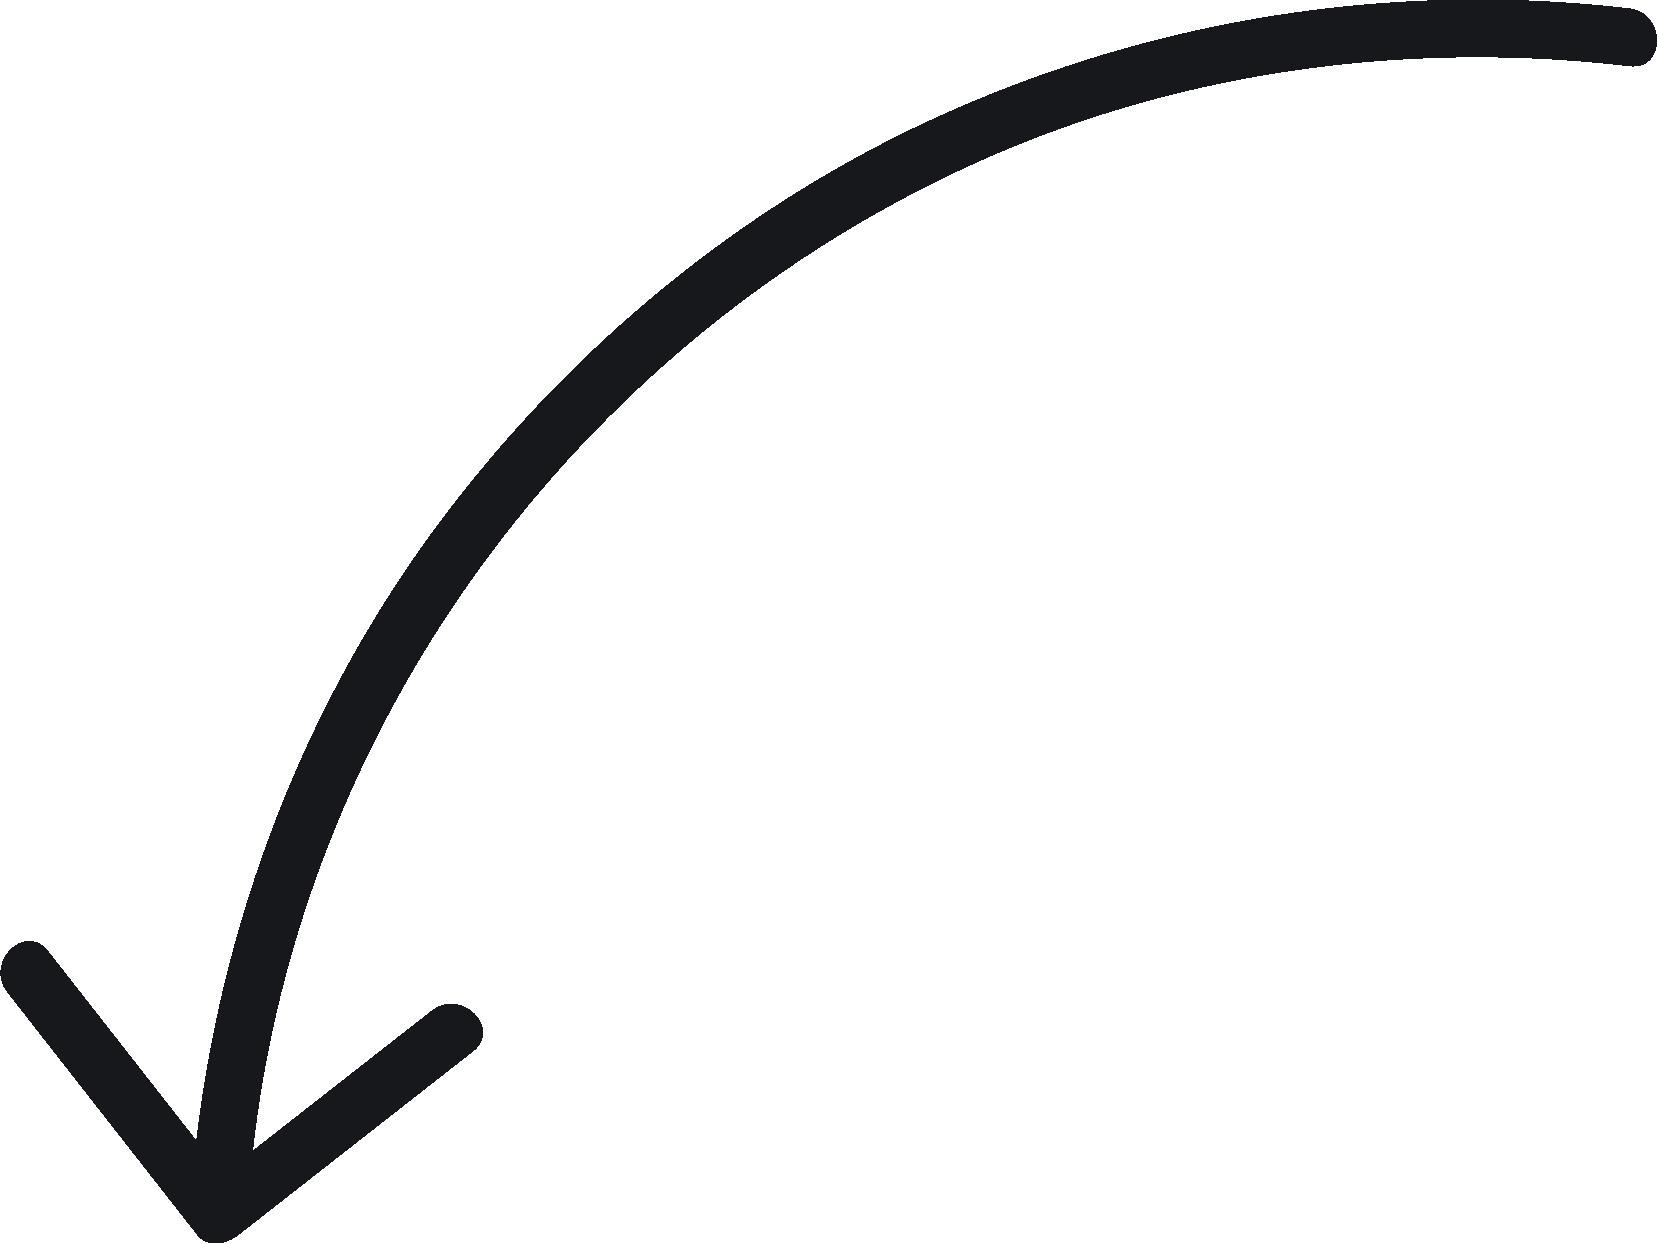 Curved Tool Curve Arrow Png Image High Quality Gambar Seni Dekorasi